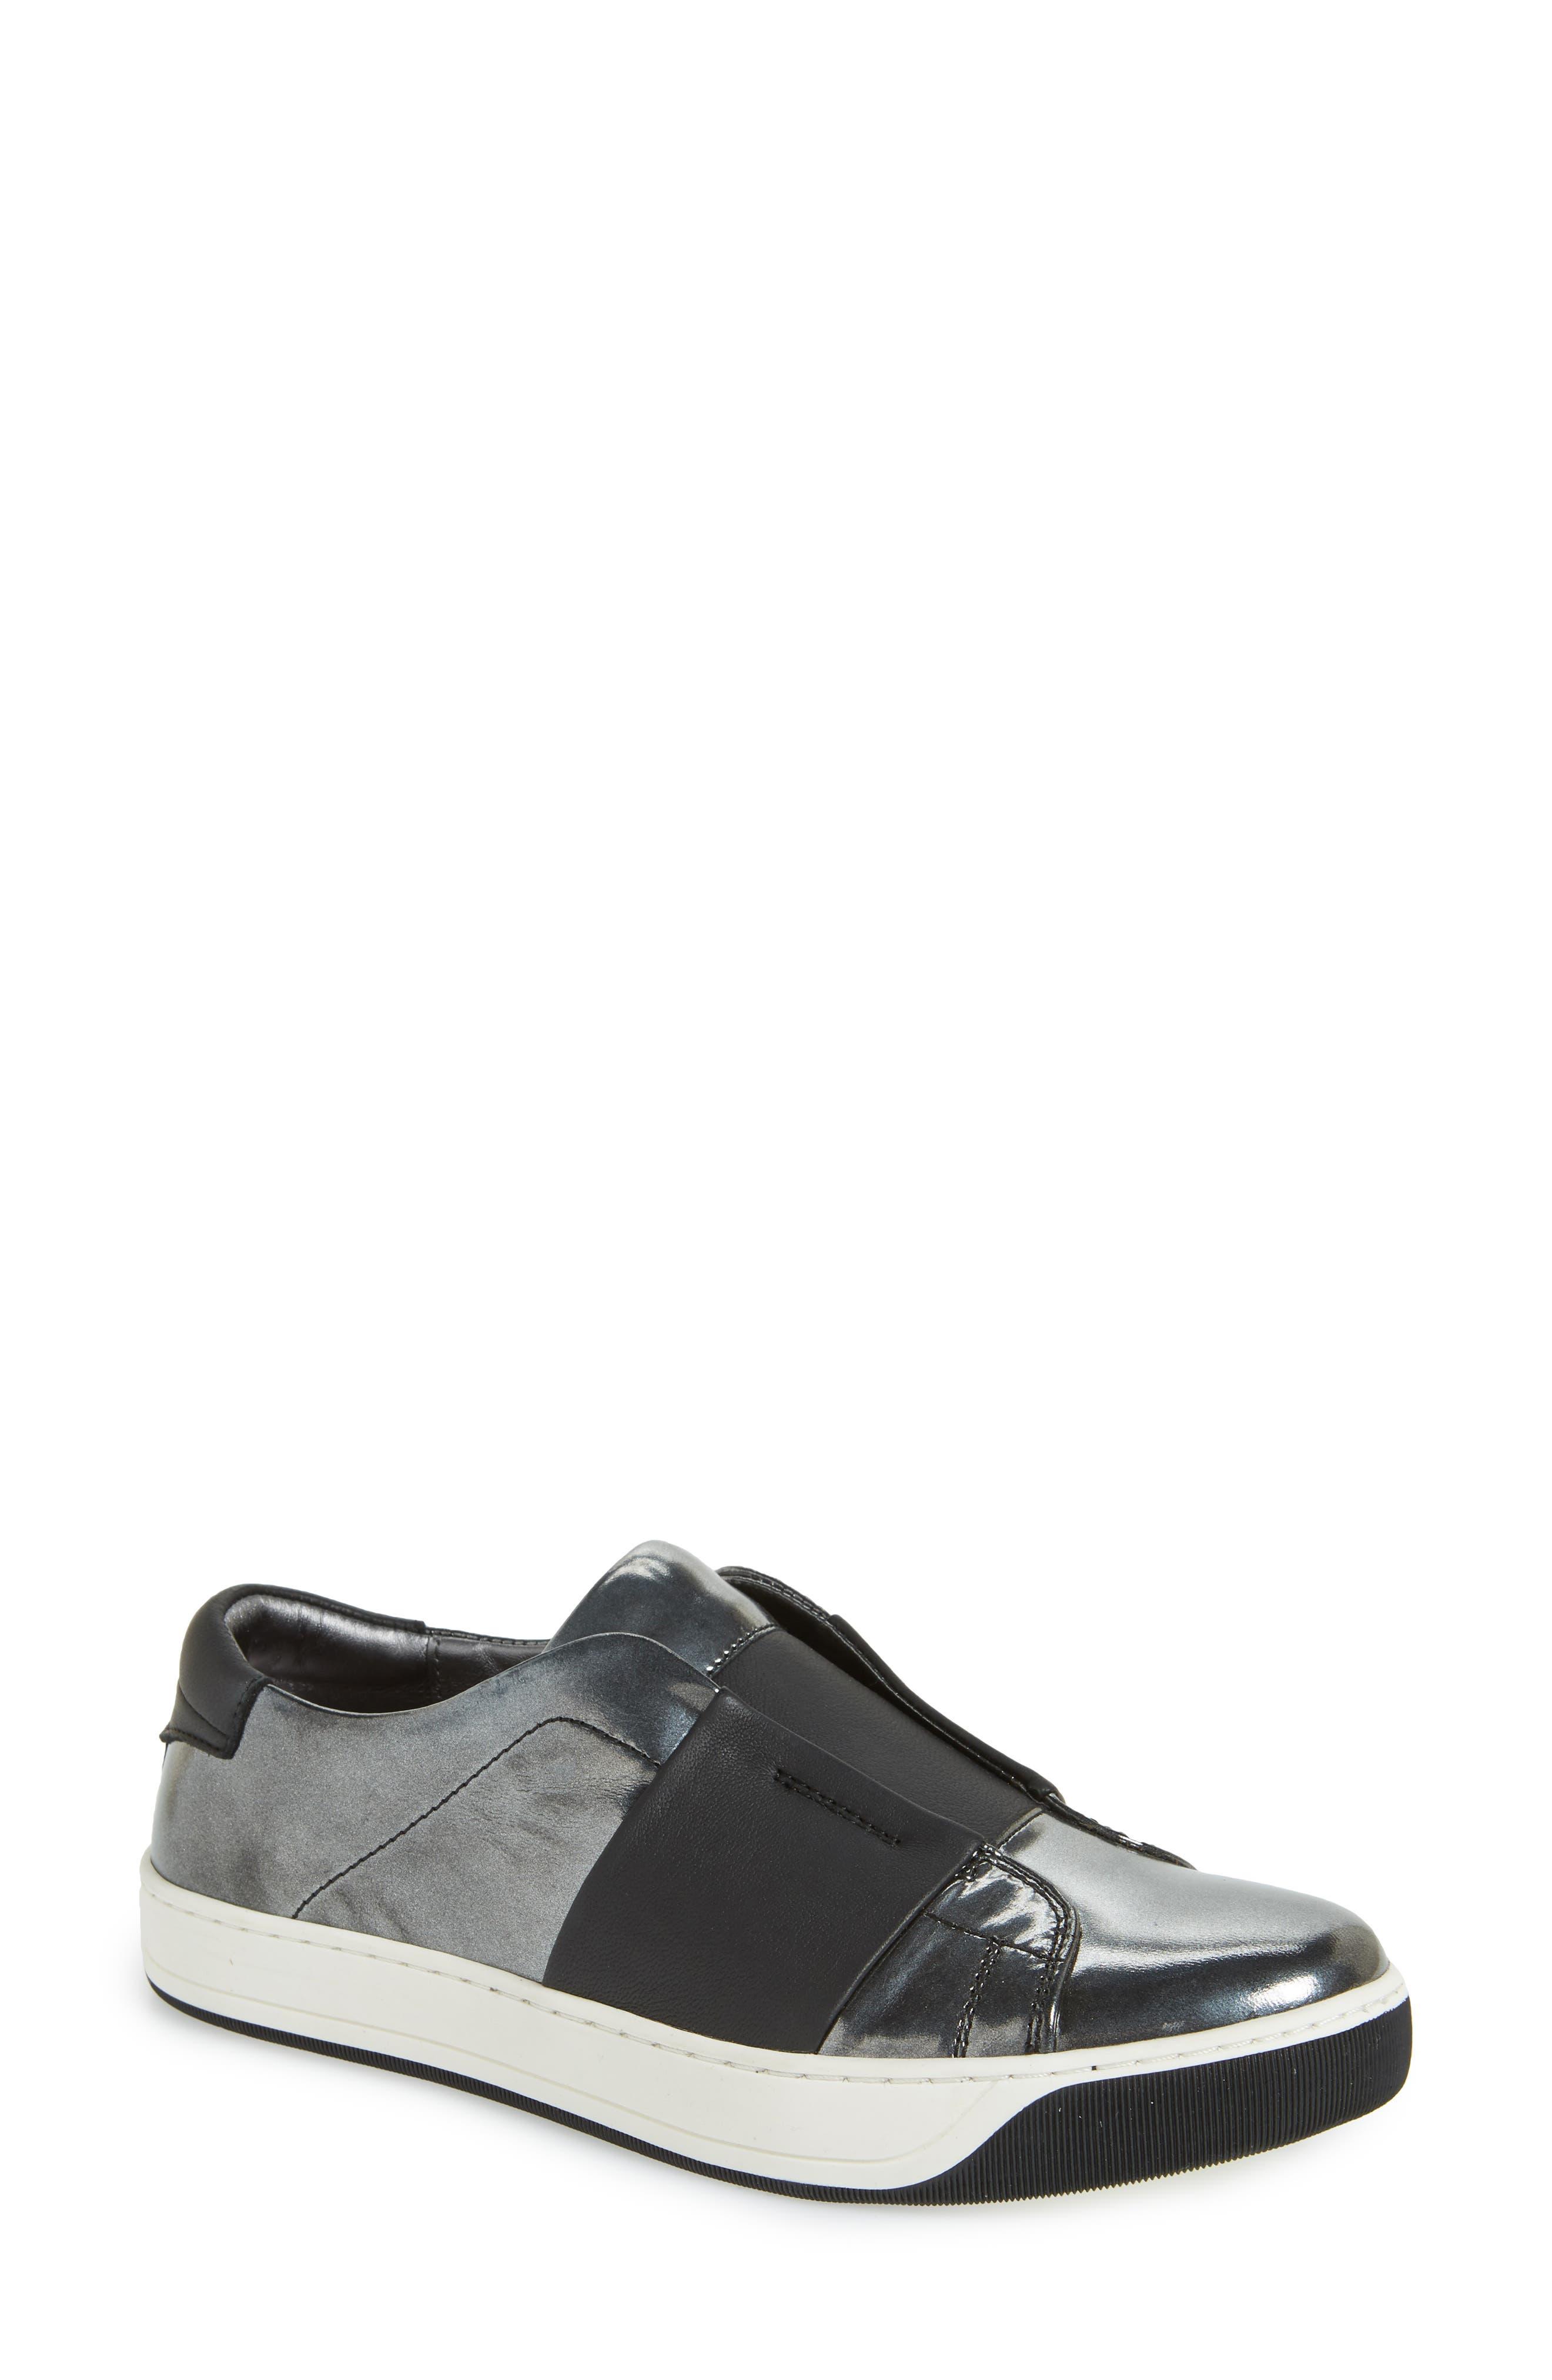 JOHNSTON & MURPHY,                             Eden Slip-On Sneaker,                             Main thumbnail 1, color,                             GRAPHITE LEATHER